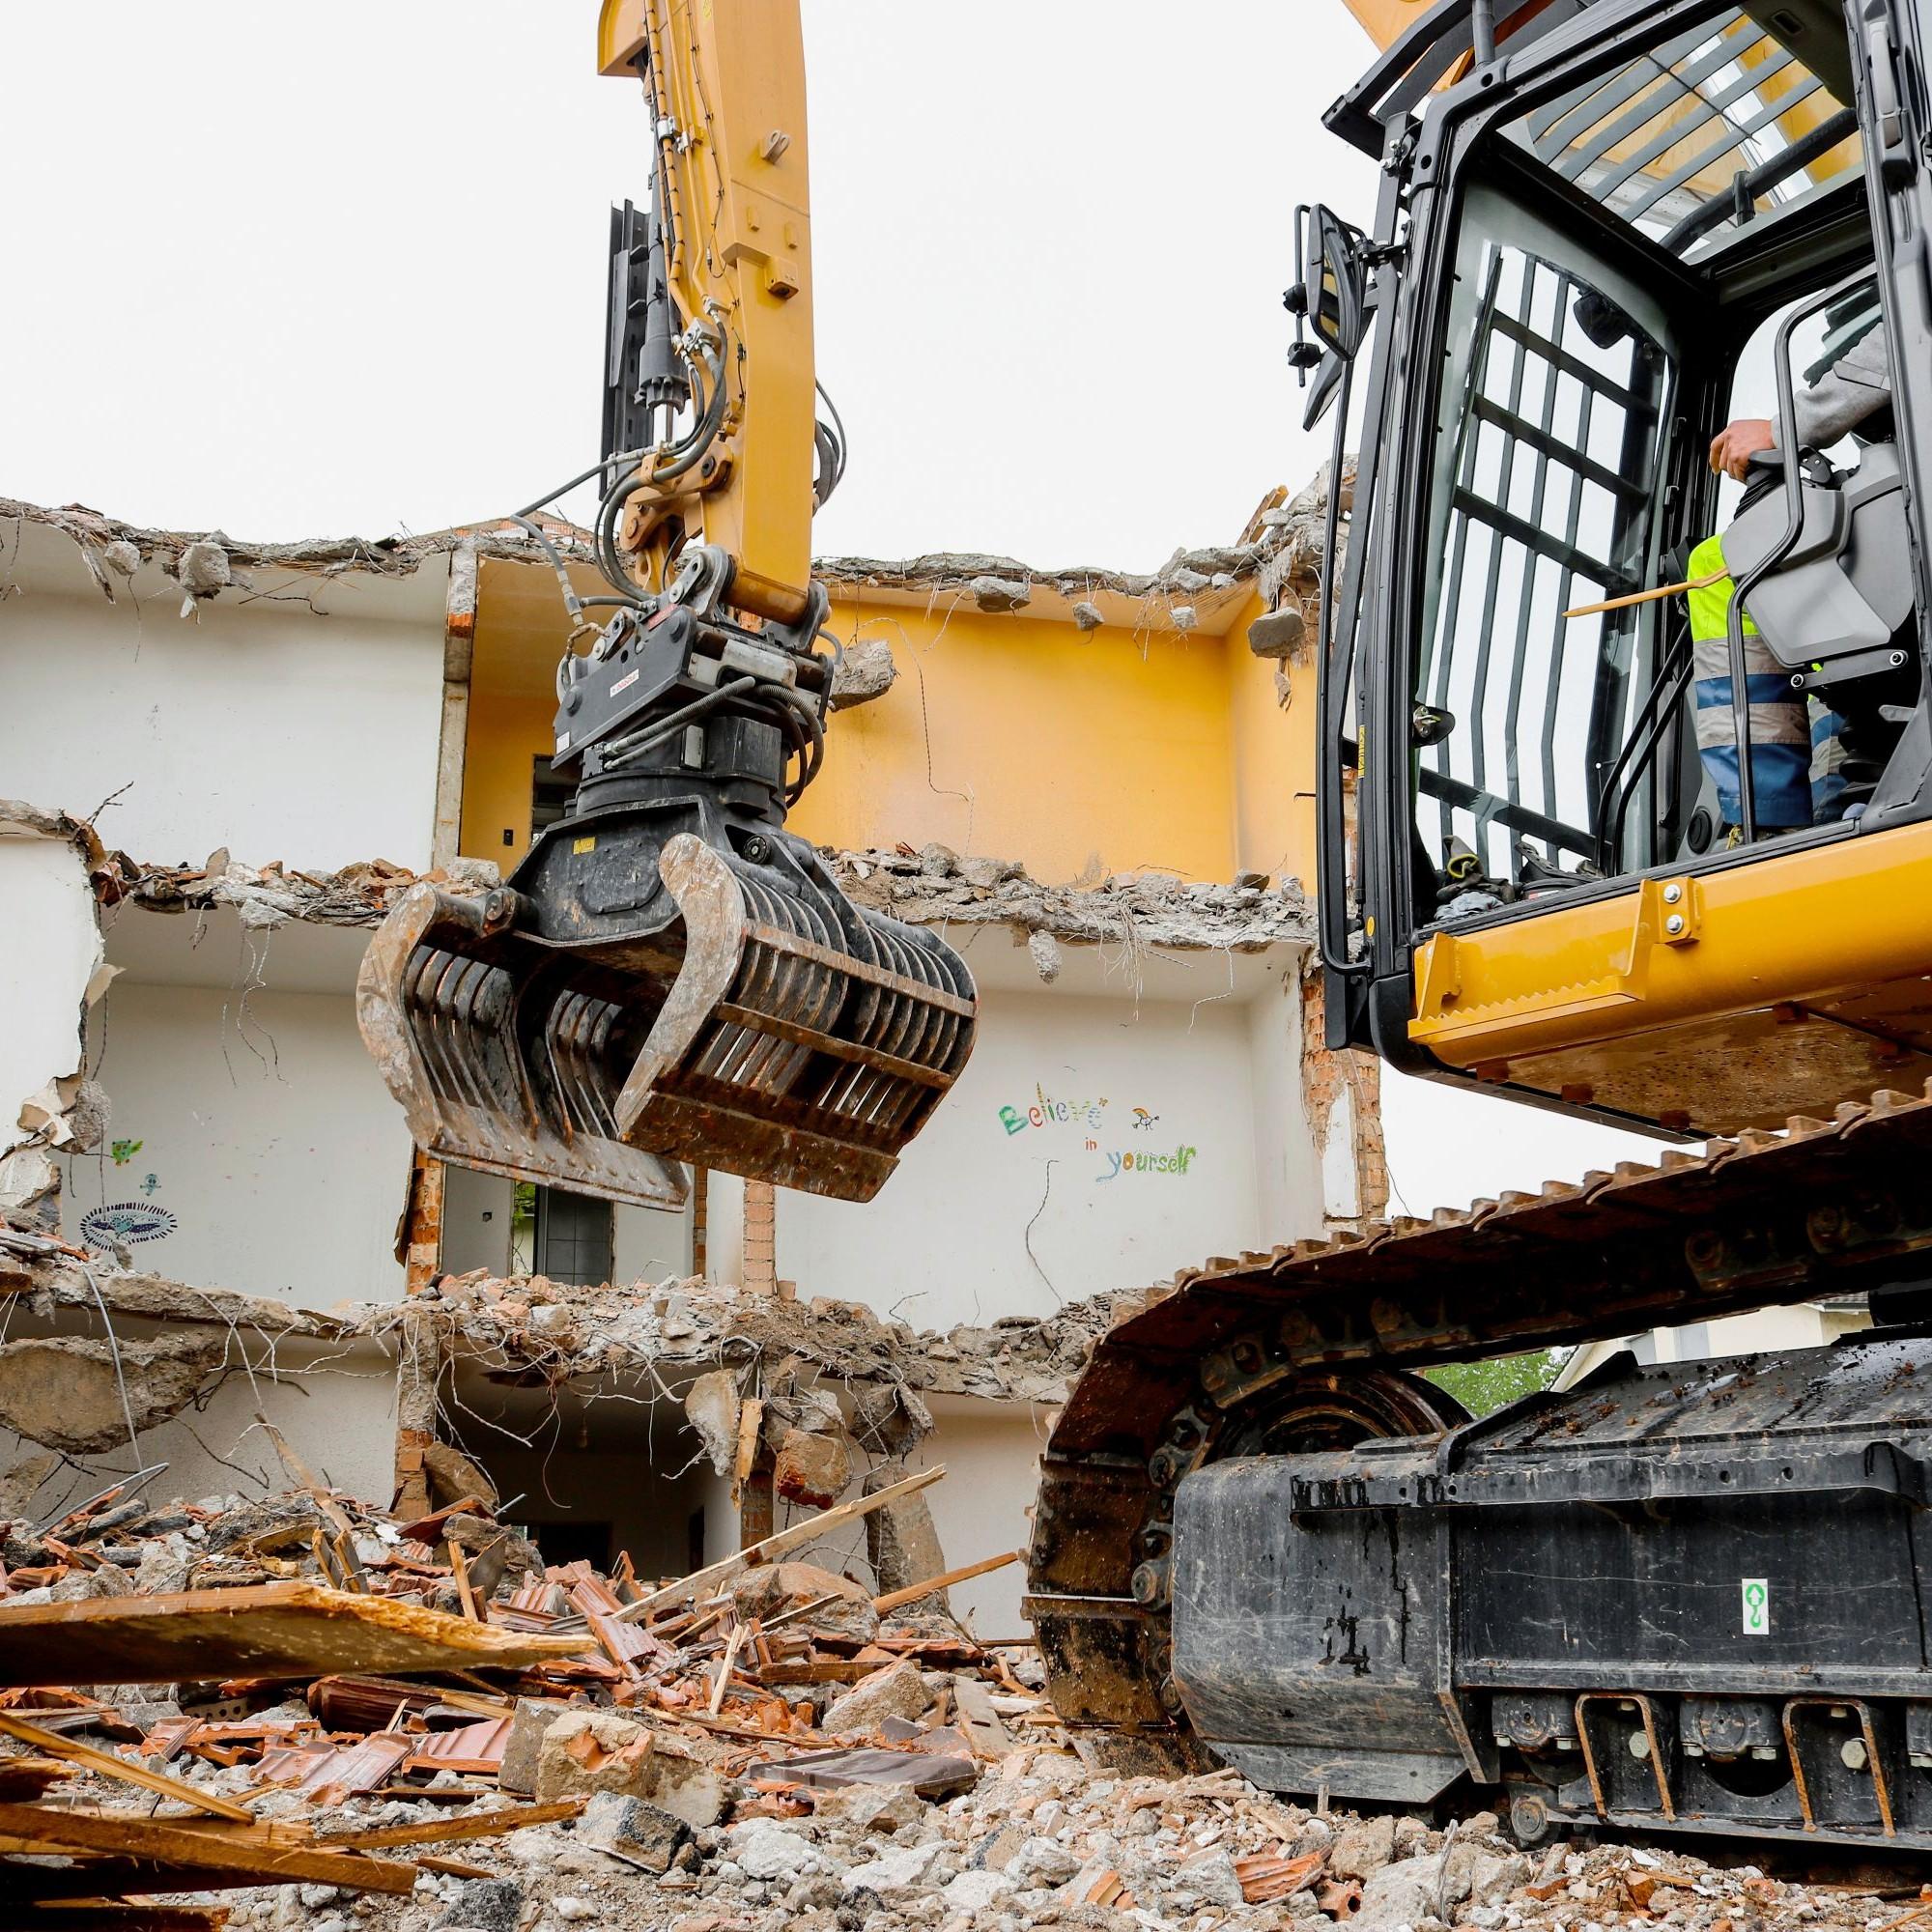 Mit dem überlangen Ausleger war der Rückbau des dreistöckigen Gebäudes innerhalb weniger Wochen möglich.